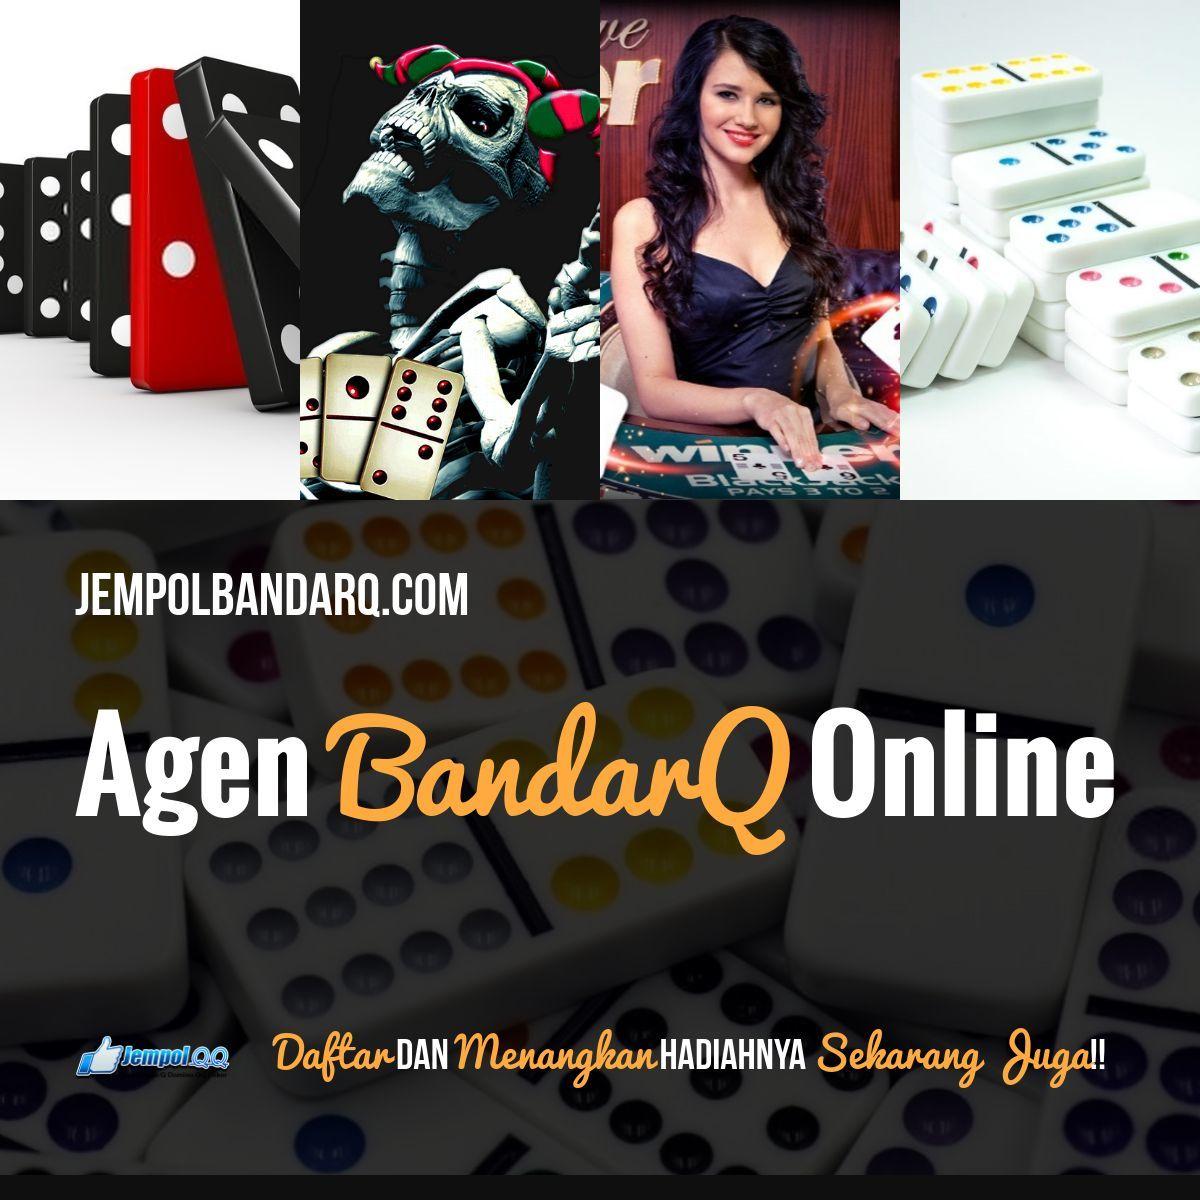 Raja Poker Bandarq Di Indonesia Yang Sepertinya Lebih Profitabel